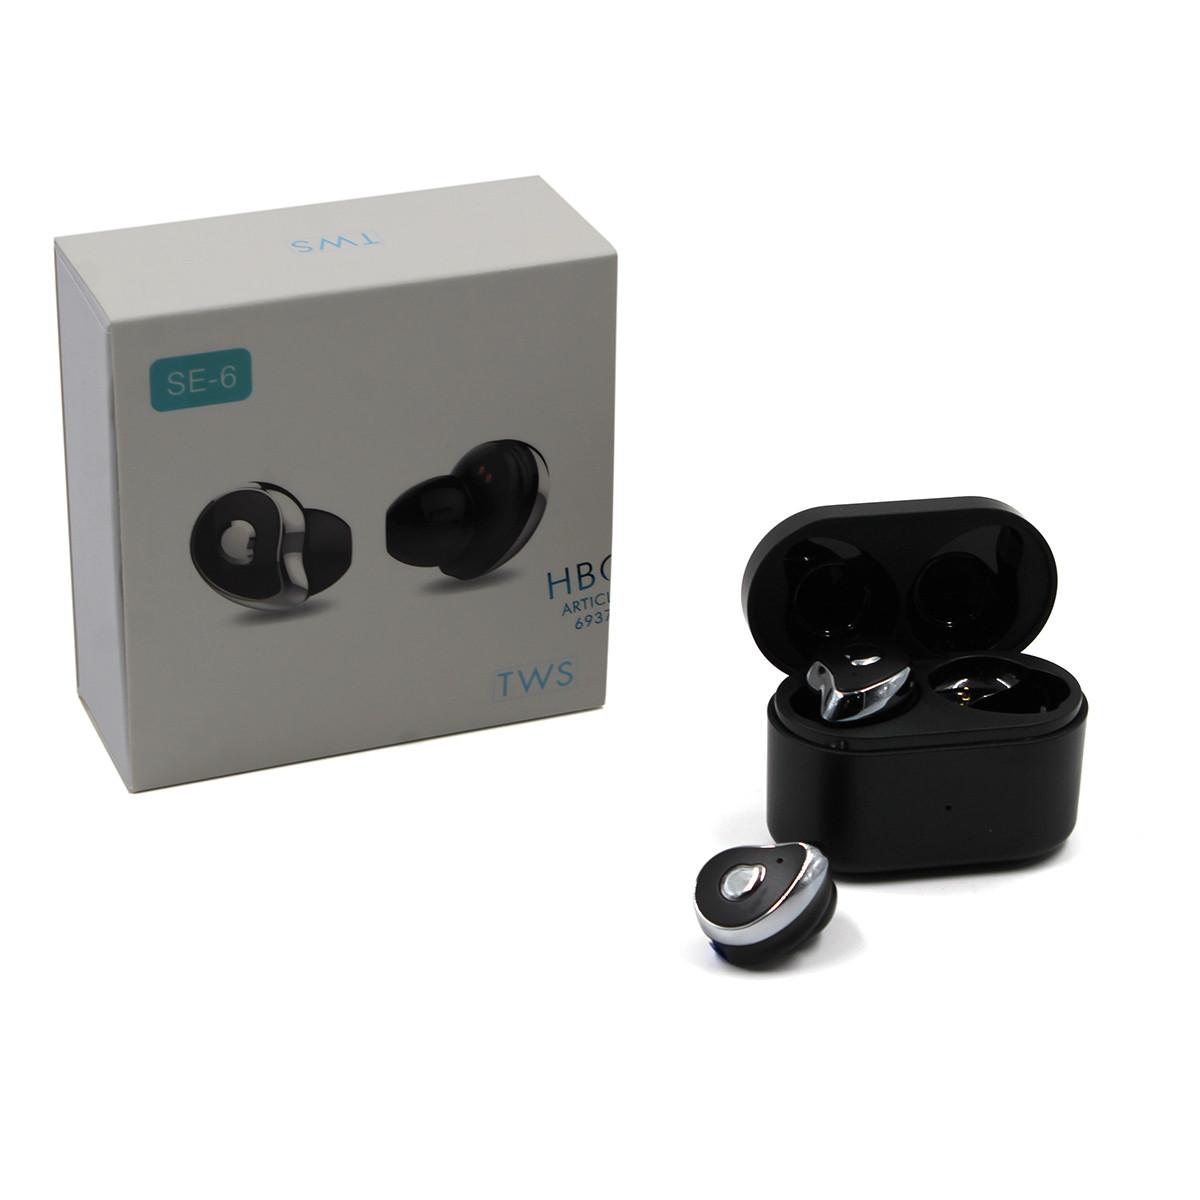 Навушники MDR HBQ SE6 TWS BT черныеые